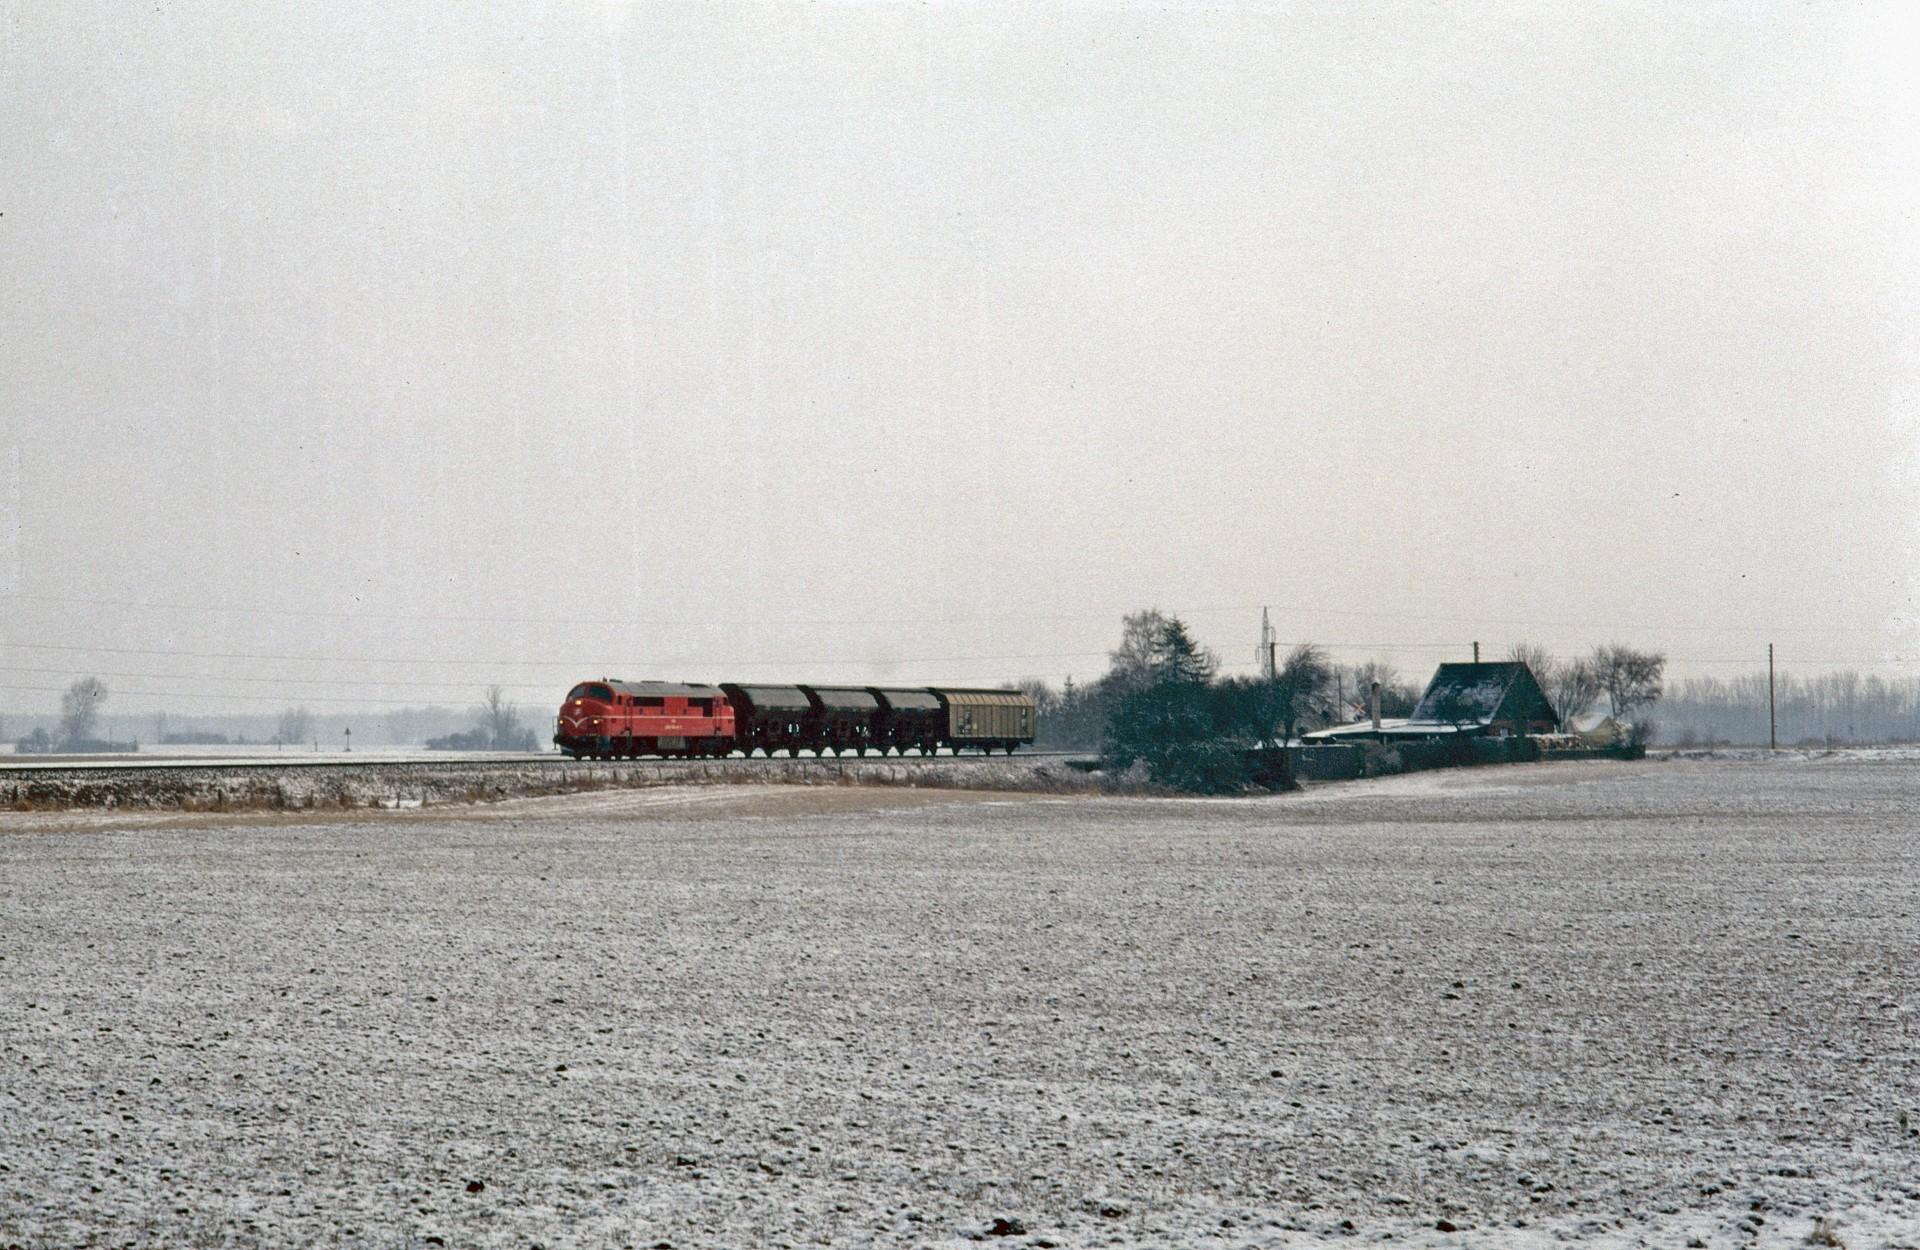 FP1225r